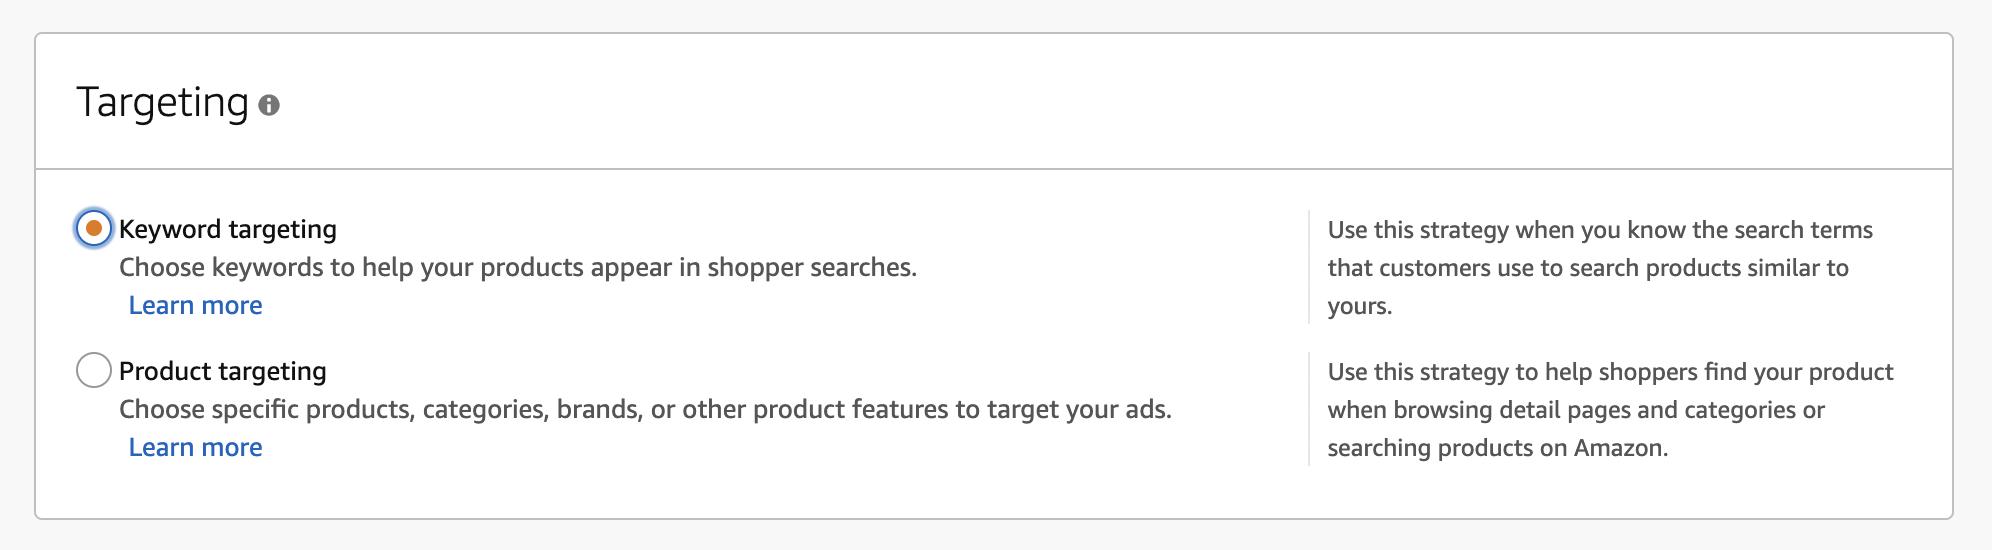 Target by keyword